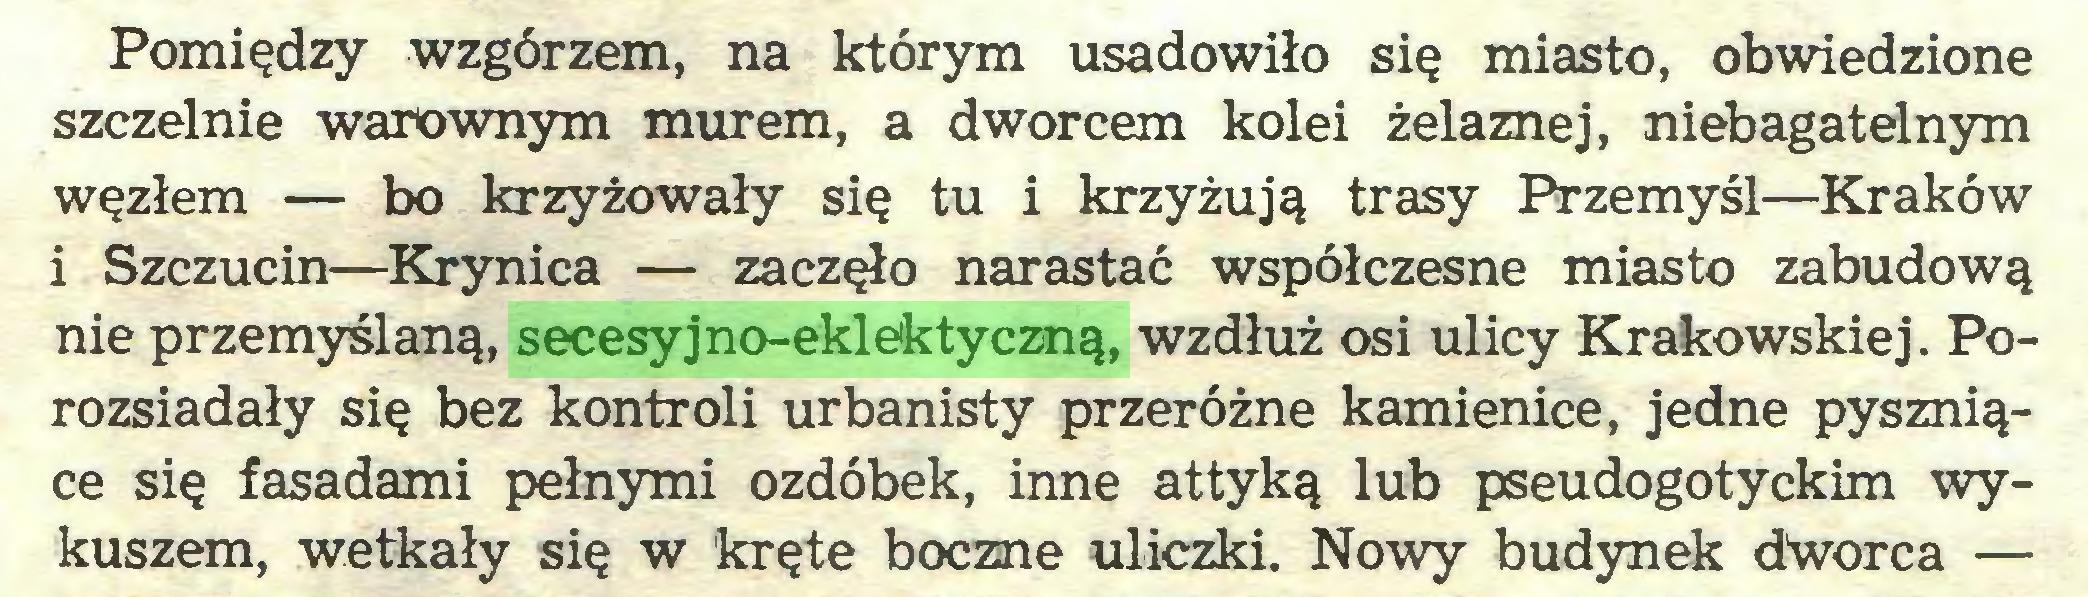 (...) Pomiędzy wzgórzem, na którym usadowiło się miasto, obwiedzione szczelnie warownym murem, a dworcem kolei żelaznej, niebagatelnym węzłem — bo krzyżowały się tu i krzyżują trasy Przemyśl—Kraków i Szczucin—Krynica — zaczęło narastać współczesne miasto zabudową nie przemyślaną, secesyjno-eklektyczną, wzdłuż osi ulicy Krakowskiej. Porozsiadały się bez kontroli urbanisty przeróżne kamienice, jedne pyszniące się fasadami pełnymi ozdóbek, inne attyką lub pseudogotyckim wykuszem, wetkały się w kręte boczne uliczki. Nowy budynek dworca —...